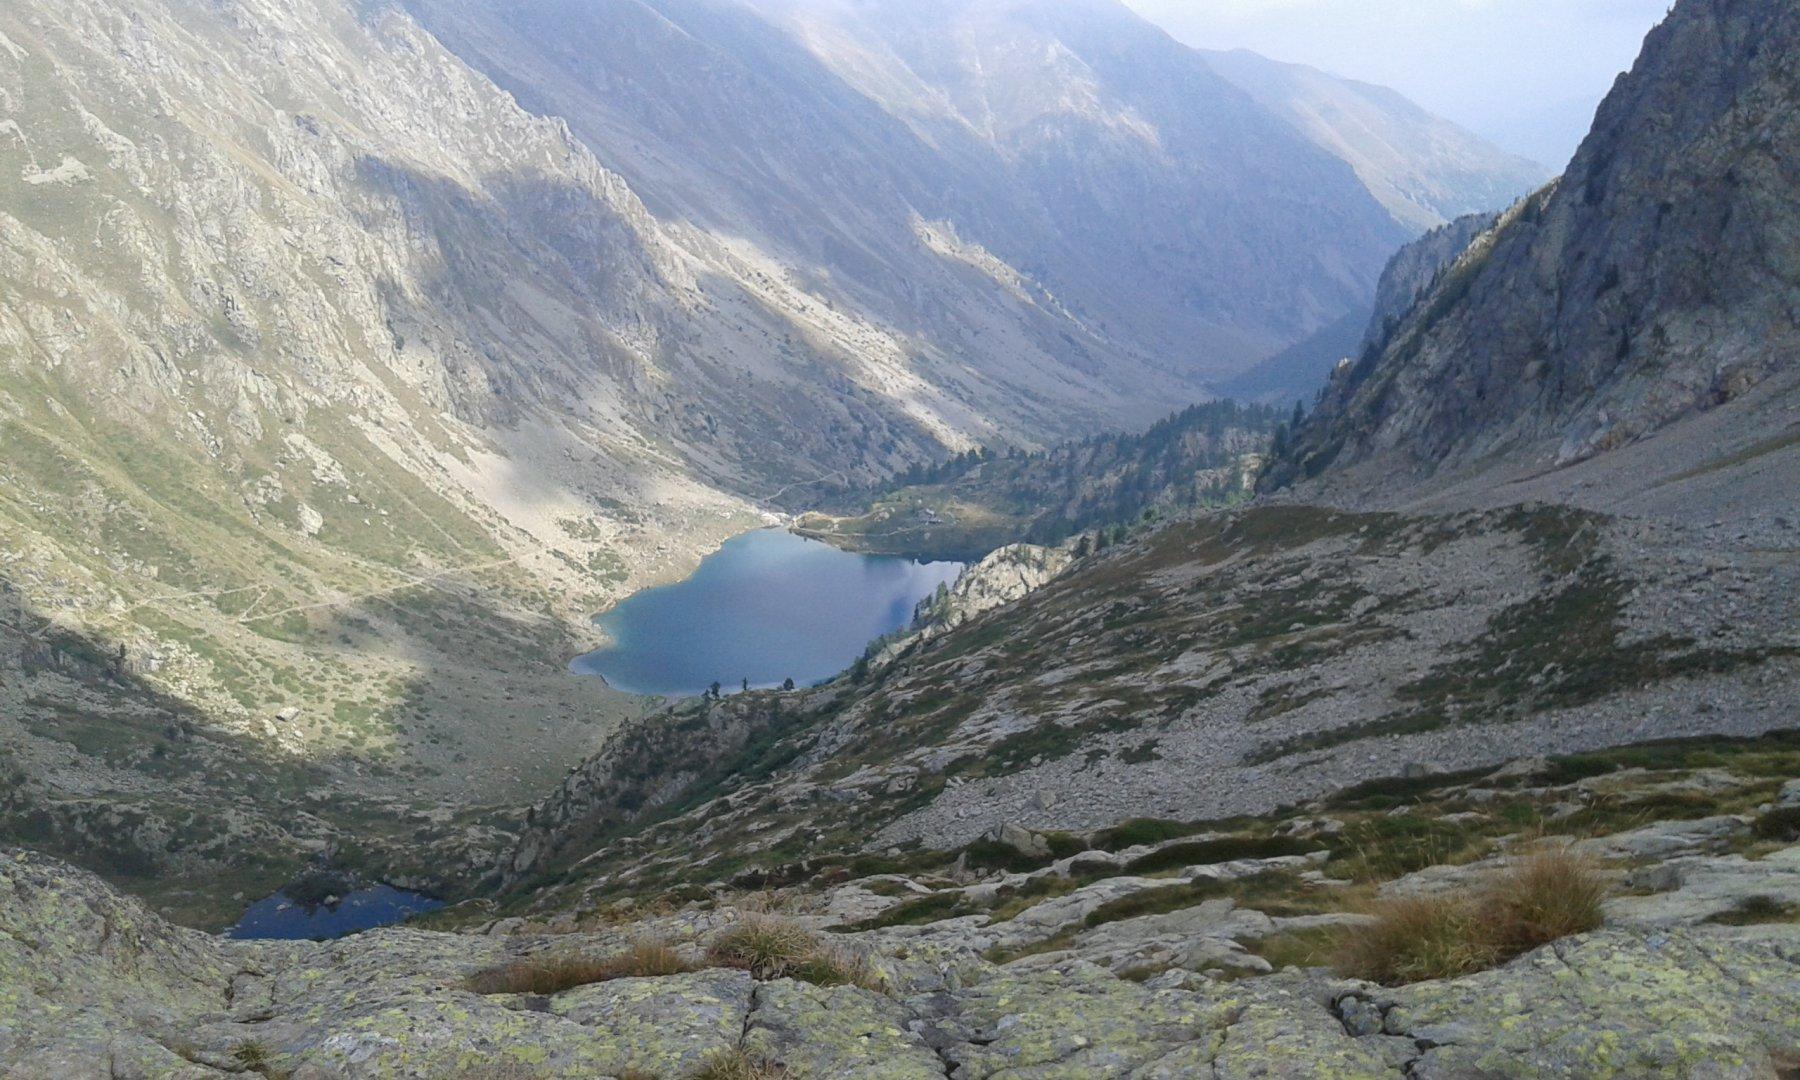 il lago inferiore e il rifugio  dante livio bianco